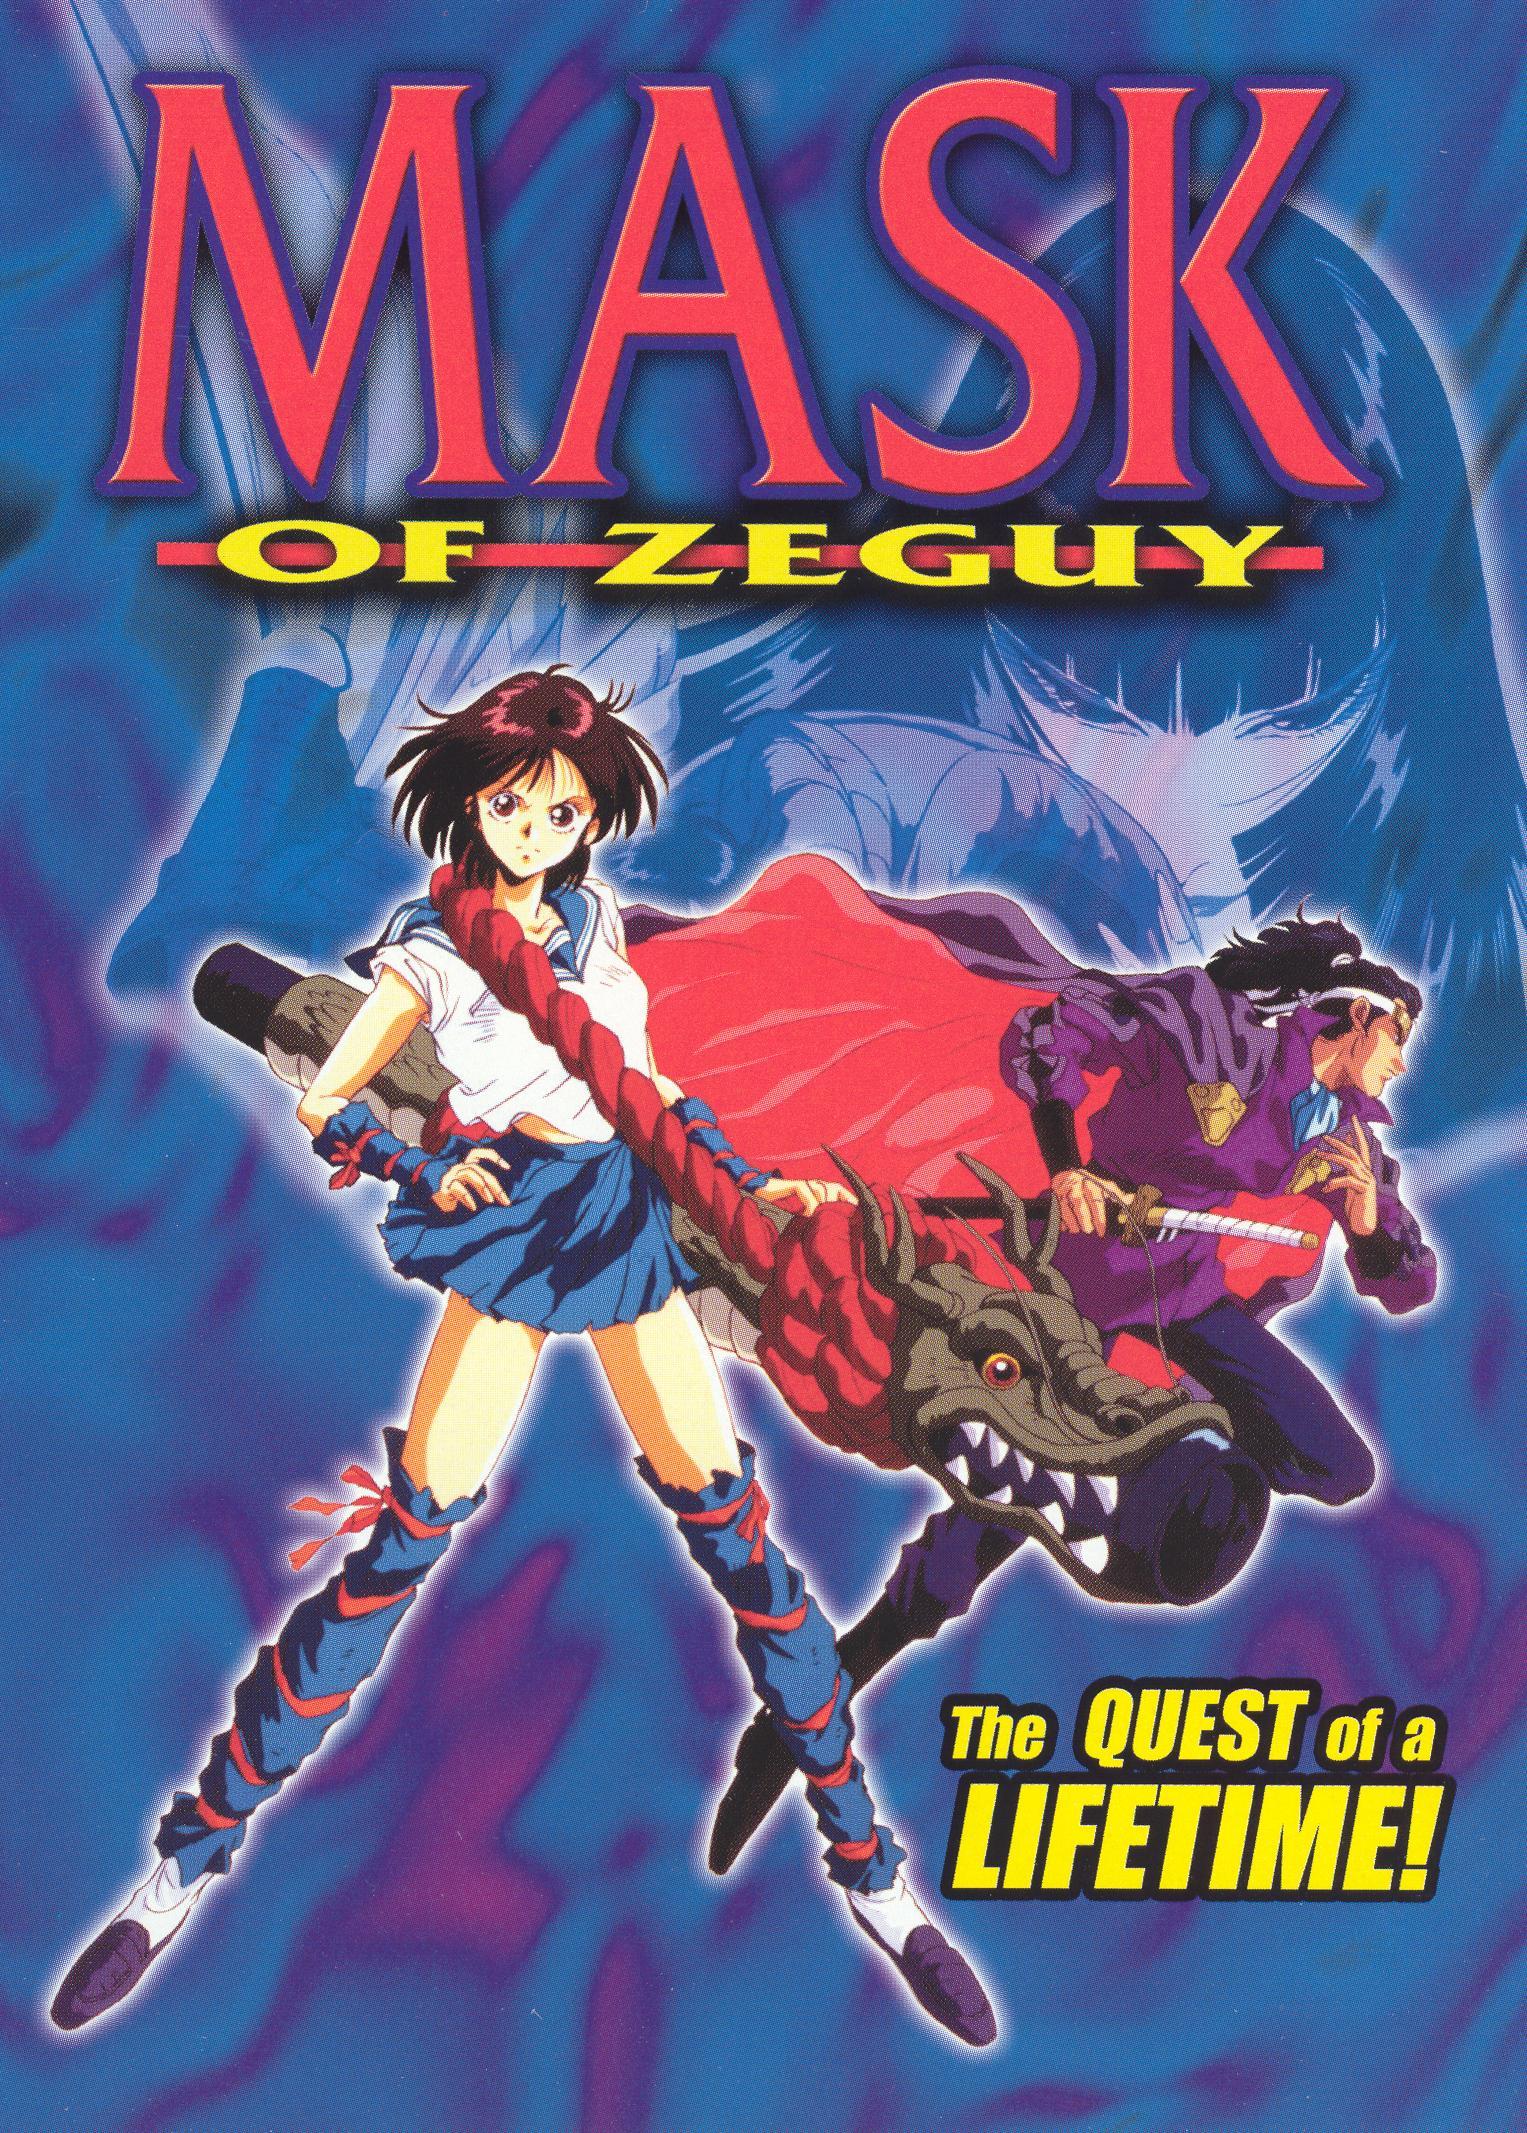 Mask of Zeguy